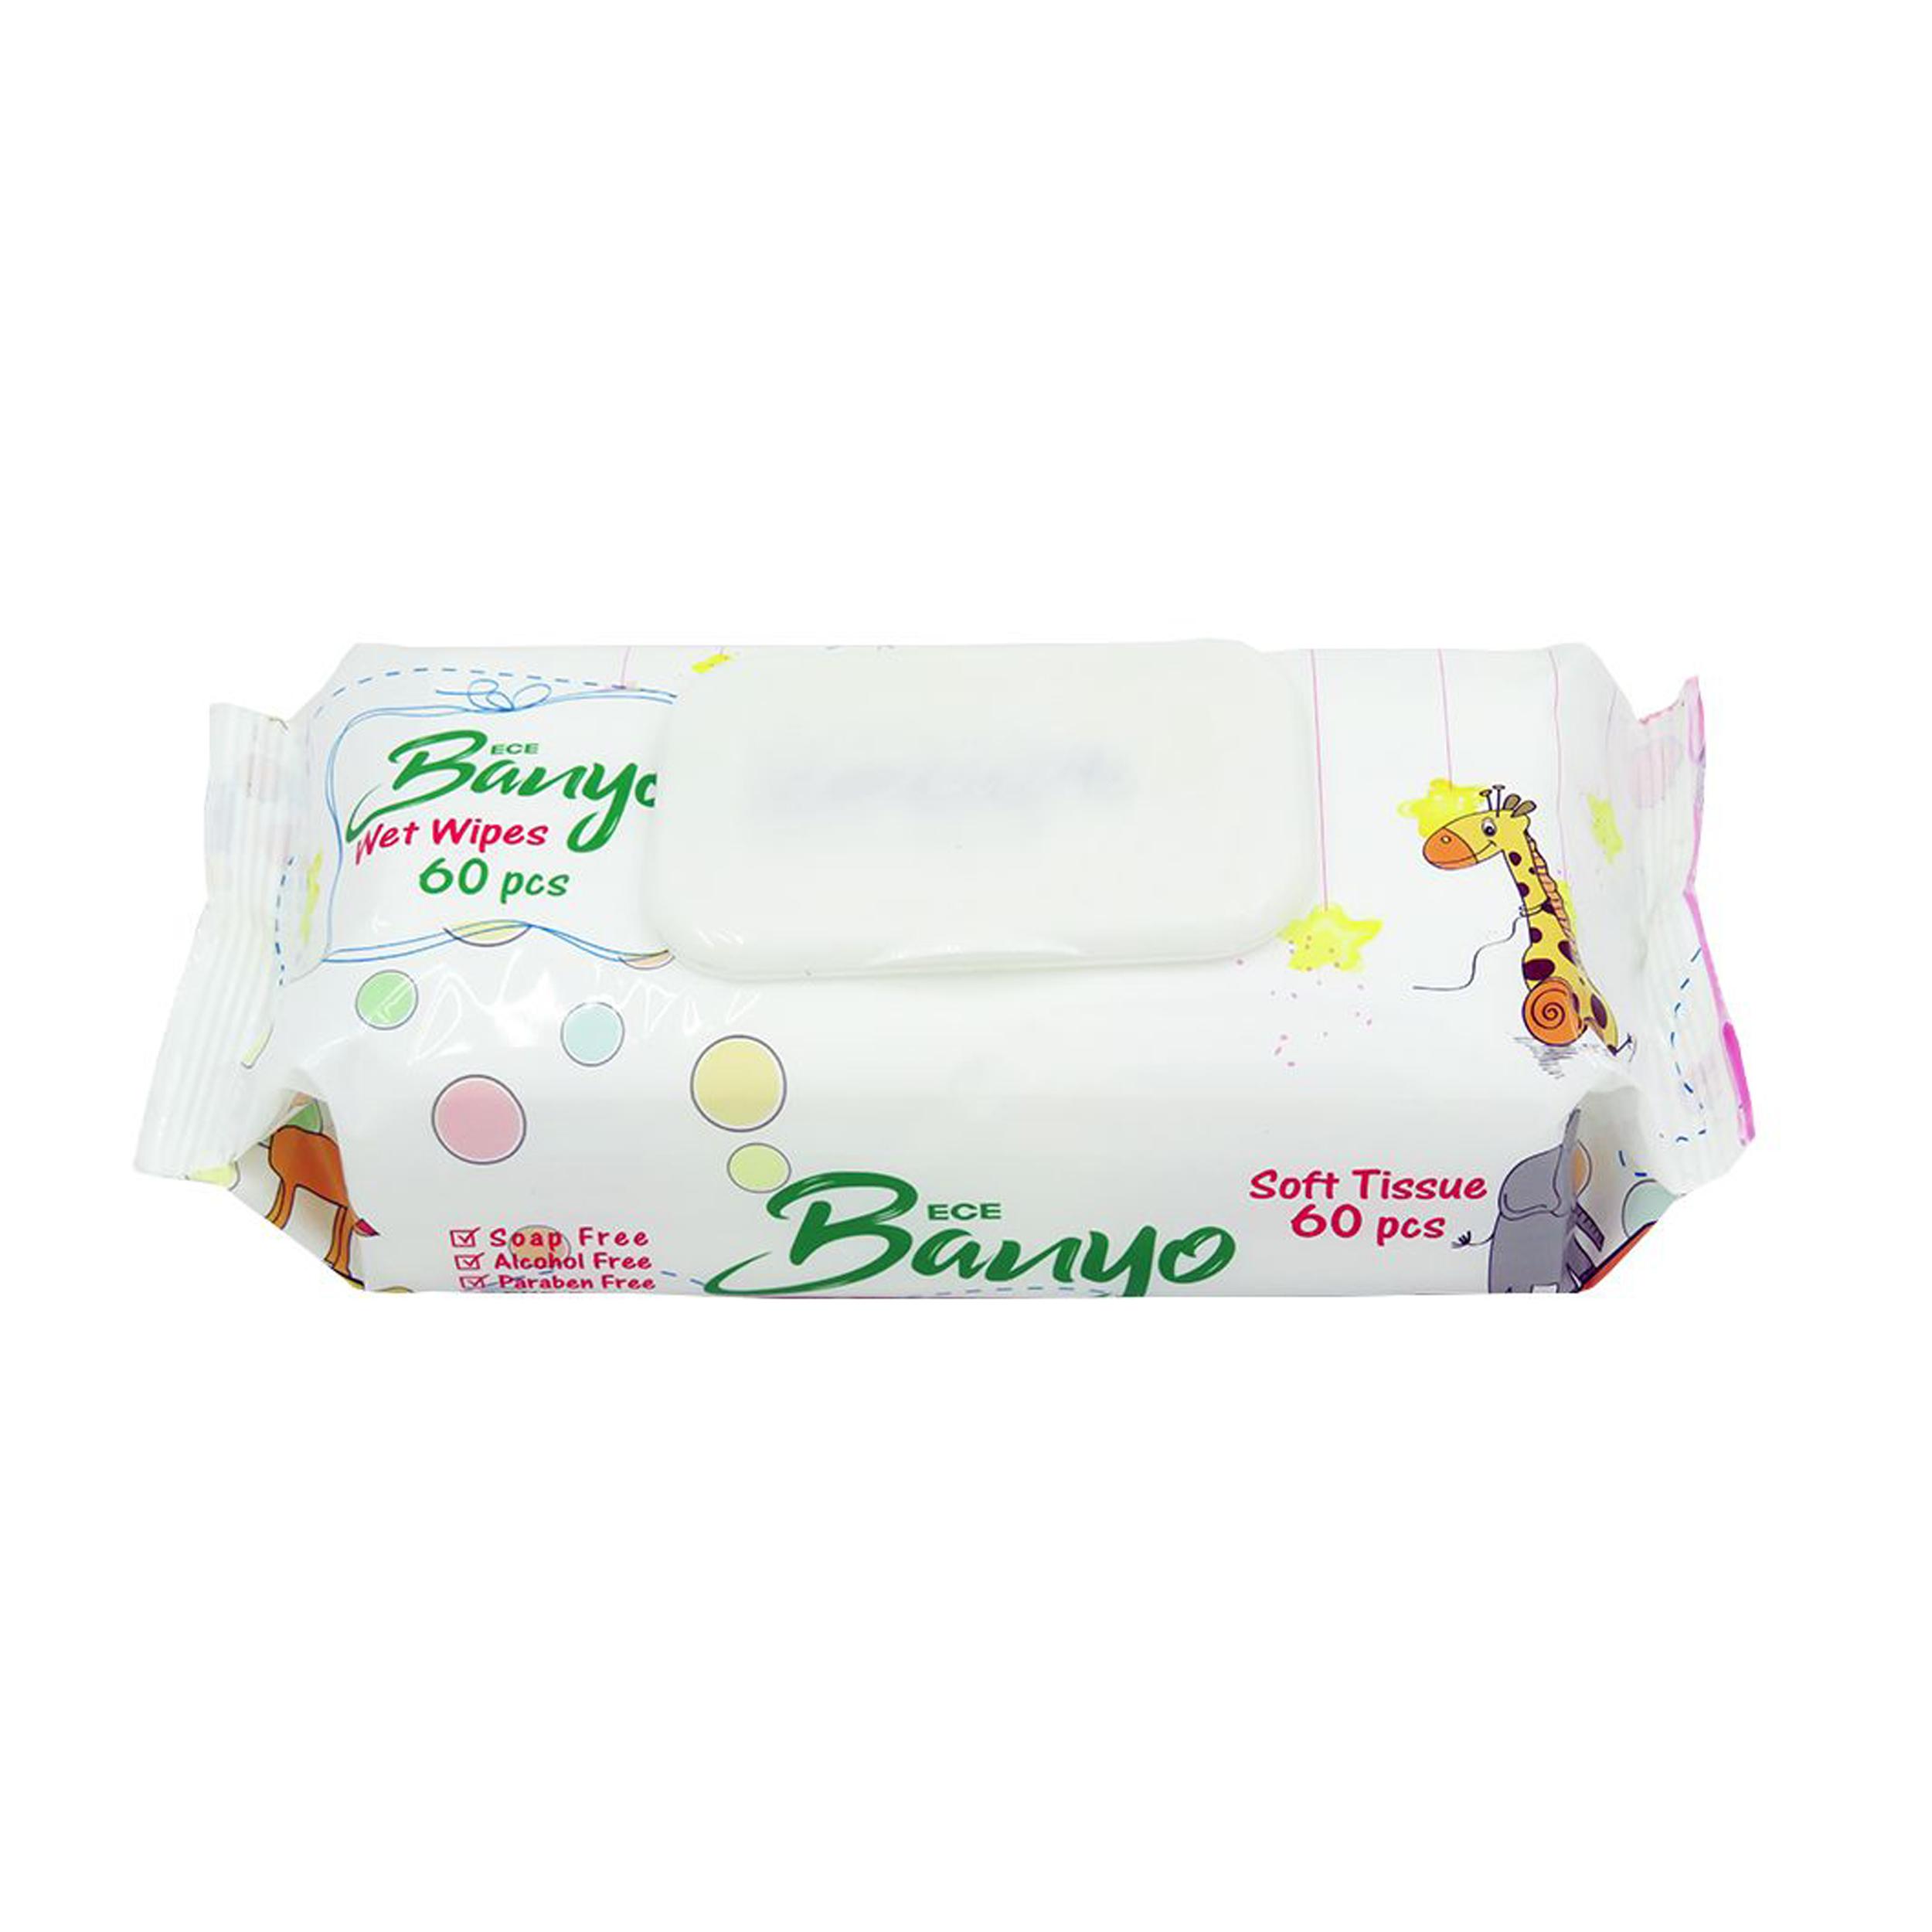 خرید اینترنتی دستمال مرطوب بانیو مدل 01 بسته 60 عددی اورجینال